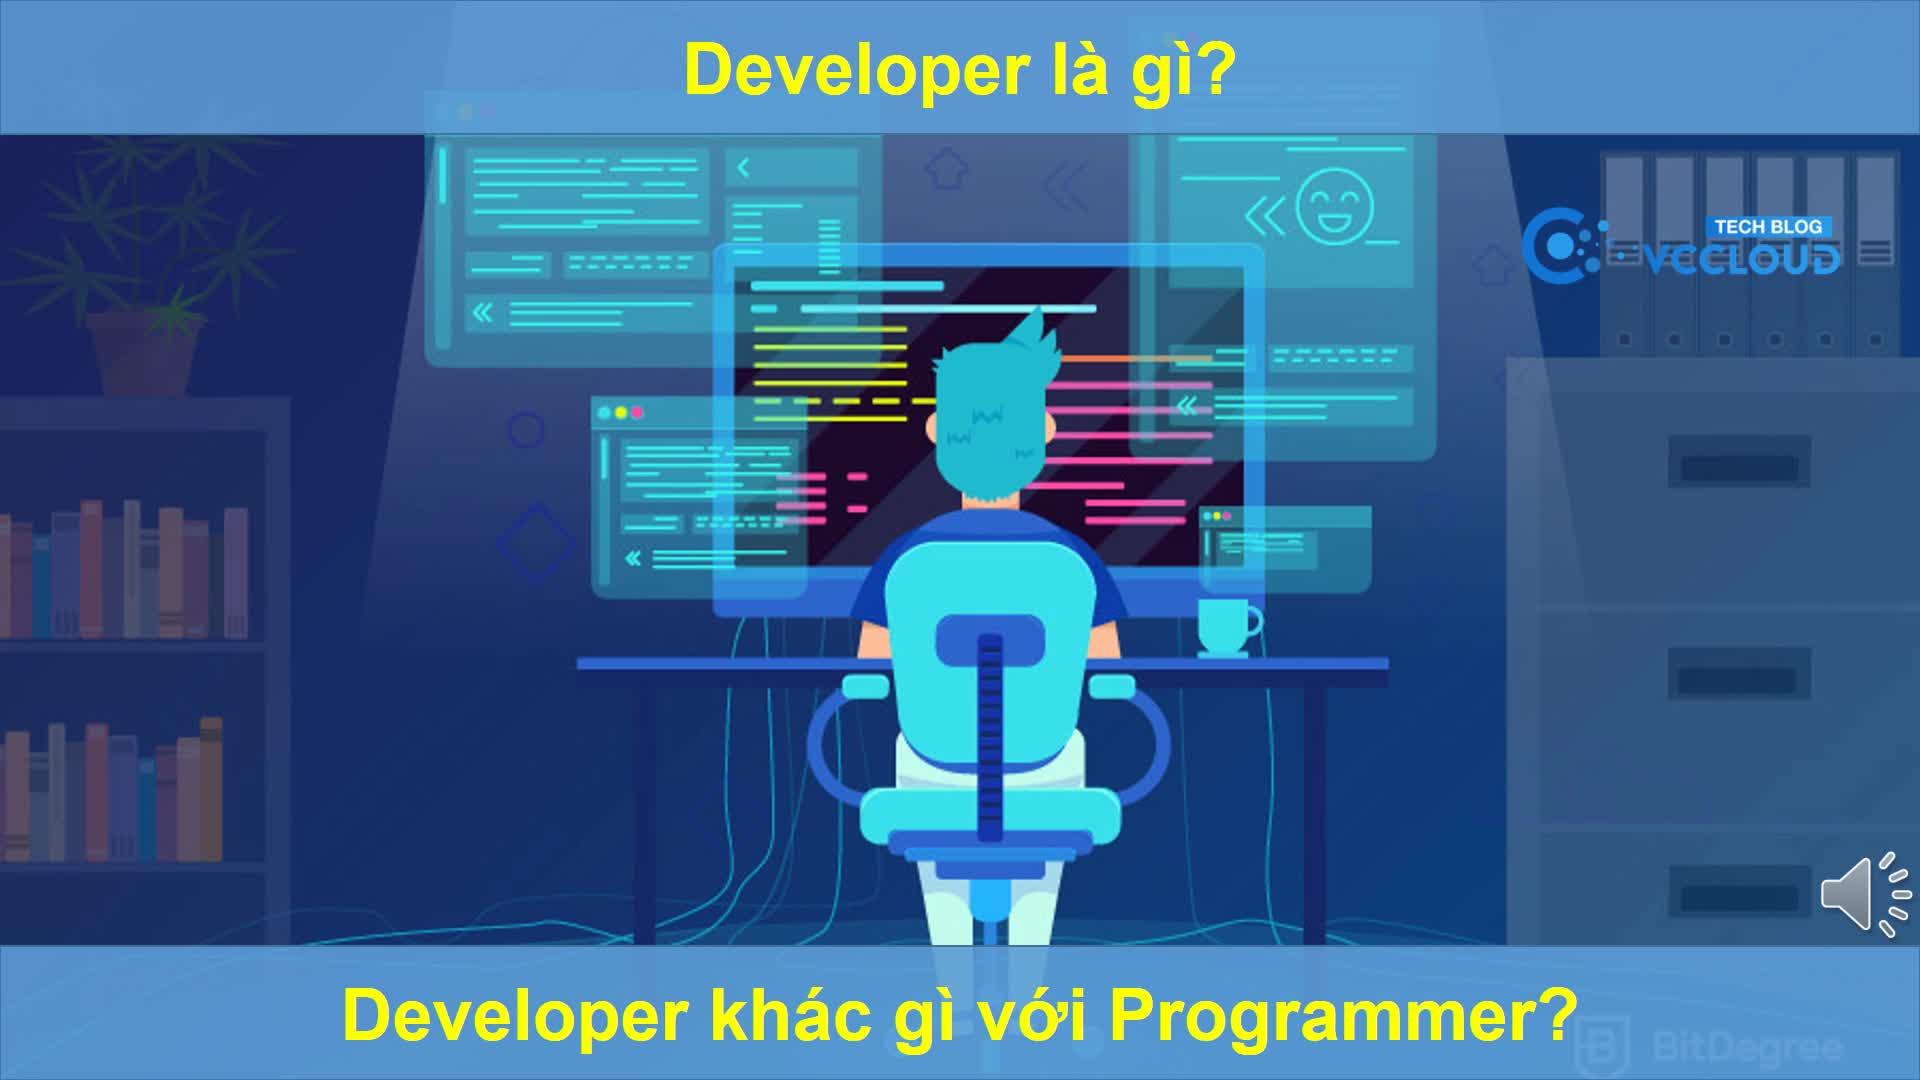 [Mutex video] Developer là gì? Developer khác gì với Programmer?